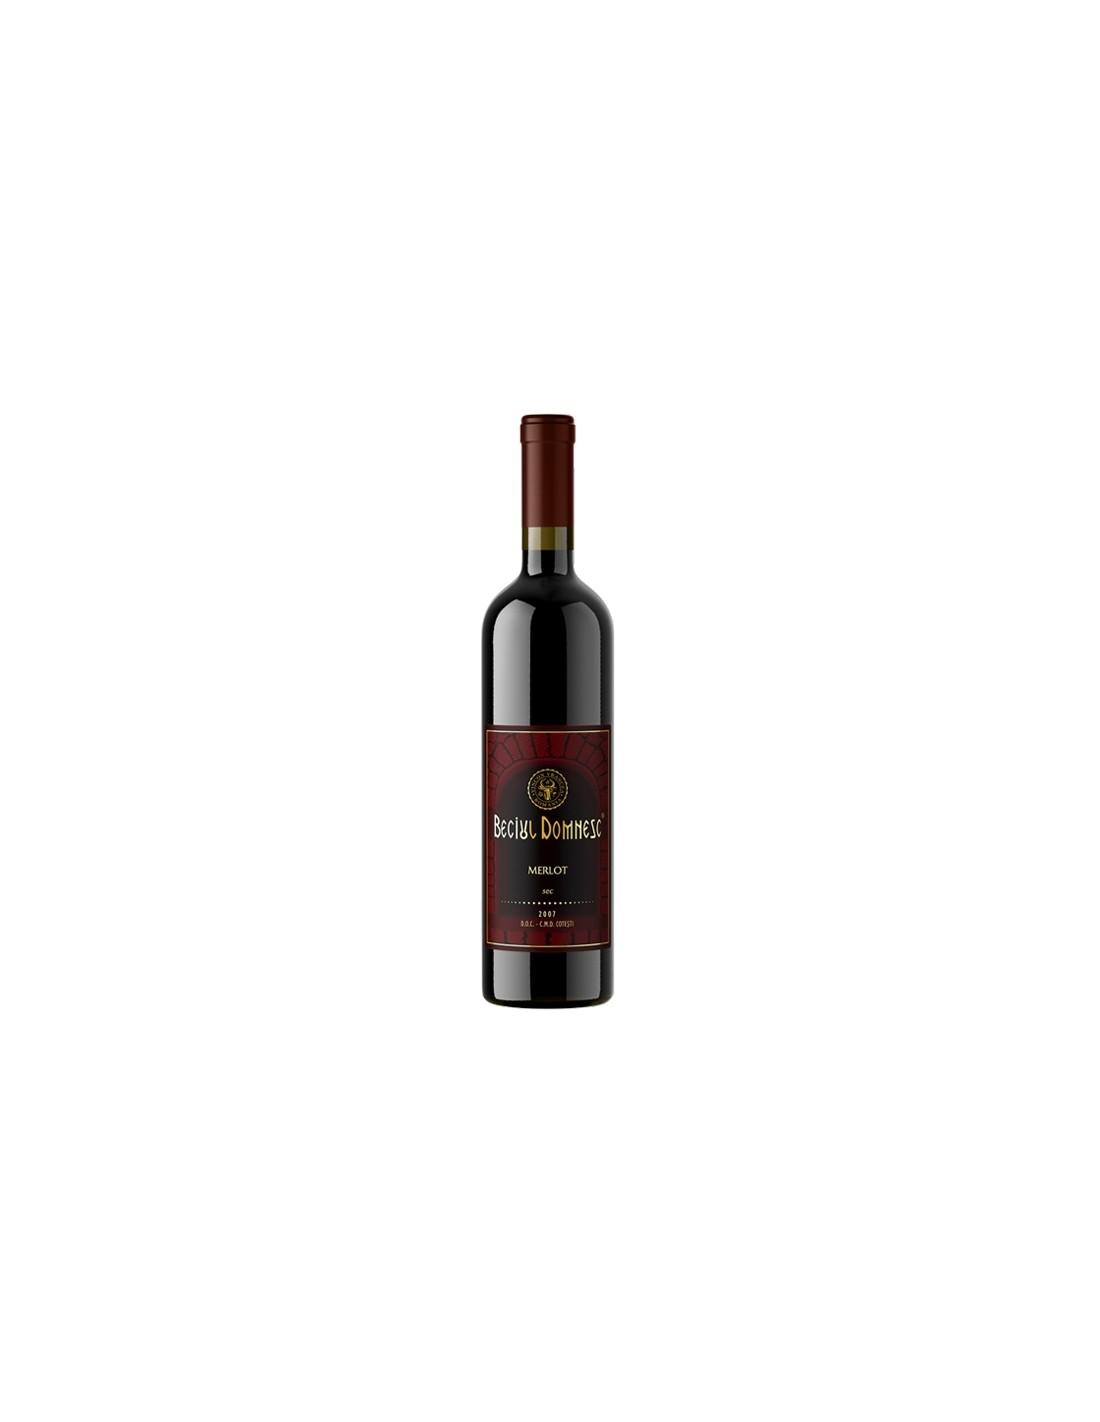 Vin rosu sec, Merlot, Beciul Domnesc Cotesti, 0.75L, 13% alc., Republica Moldova